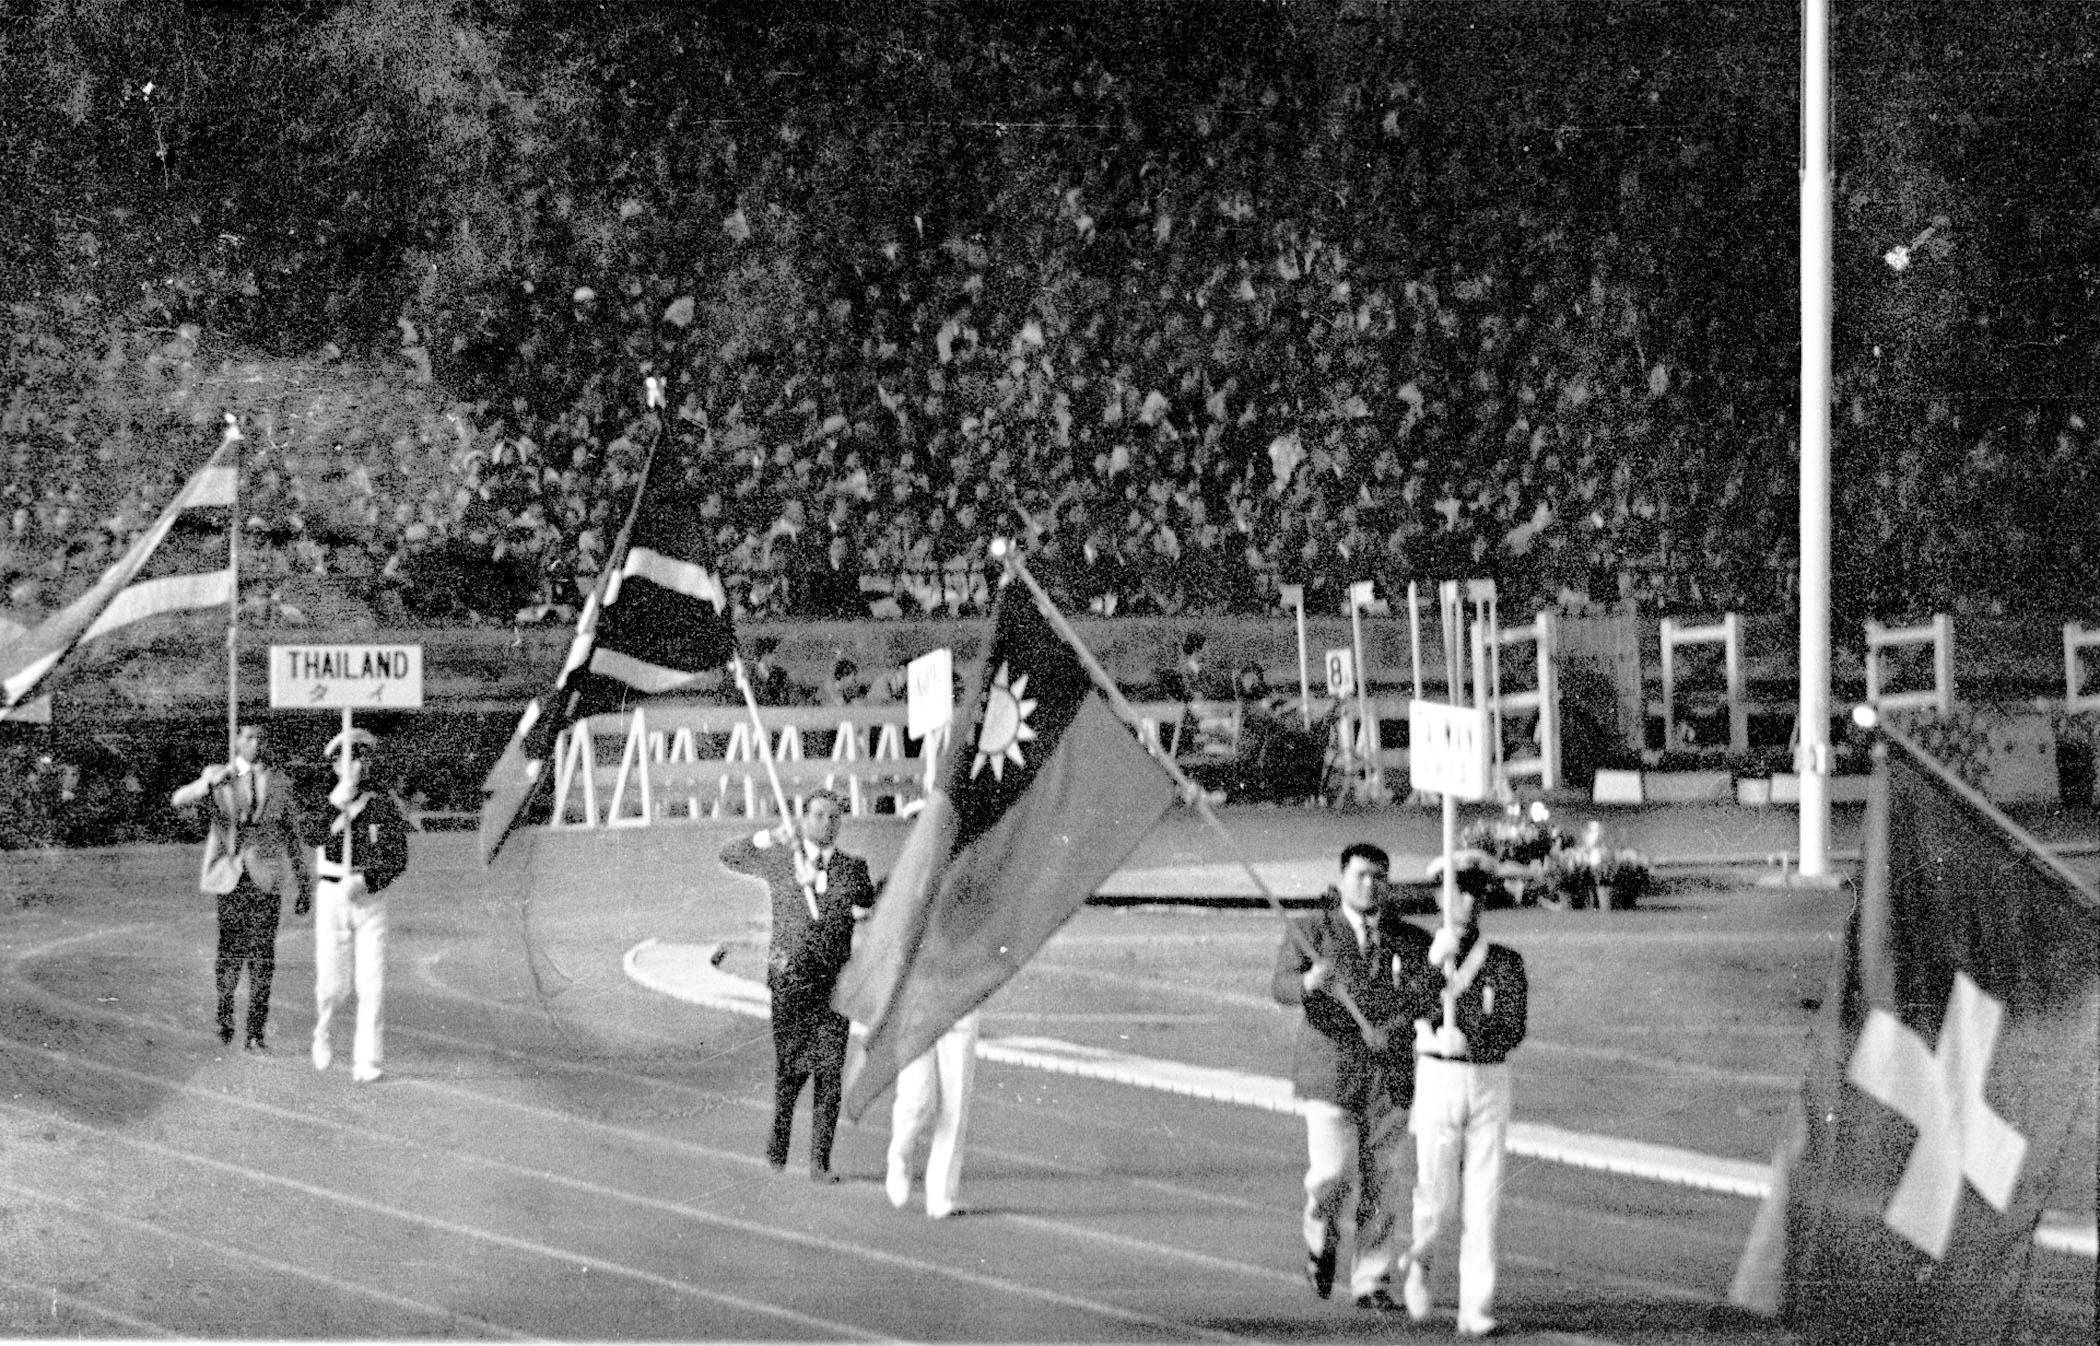 1964年東京奧運,中華民國以「台灣」(TAIWAN中華民國)的名義參加。圖為東奧閉幕典禮上,柔道選手張照輝(前右2)手持青天白日滿地紅國旗入場。(中央社檔案照片)